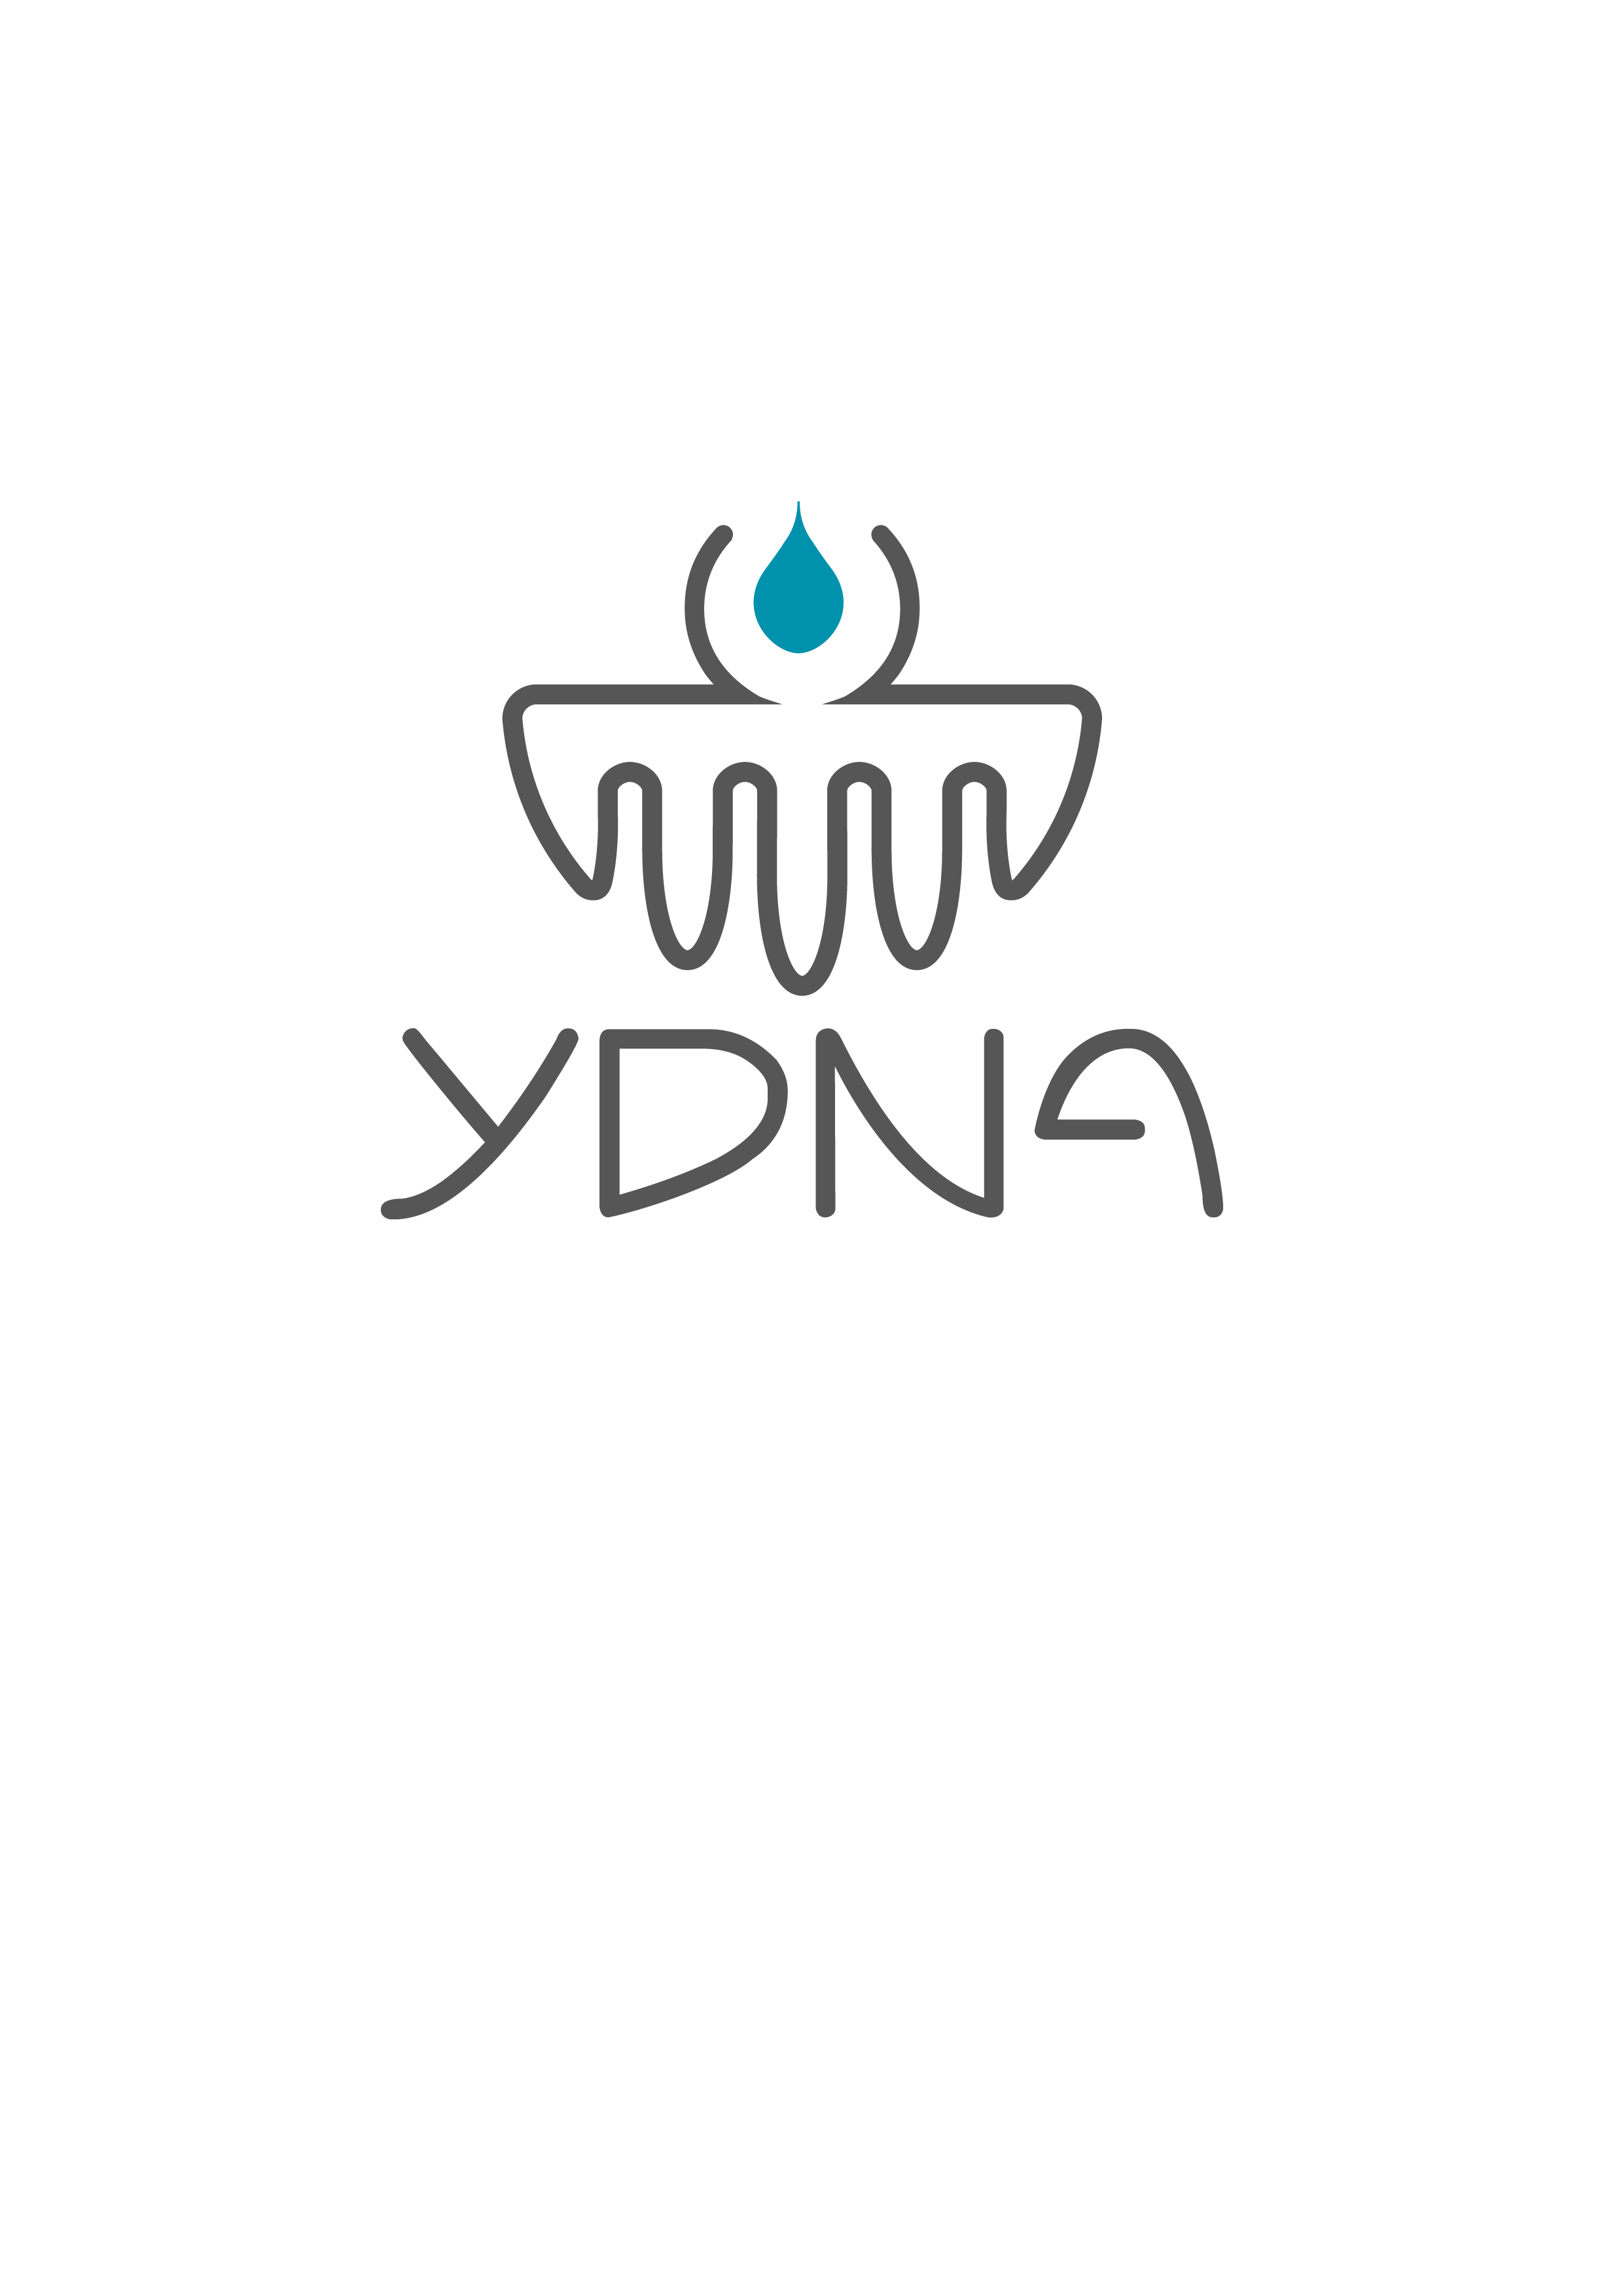 Logo YDNA